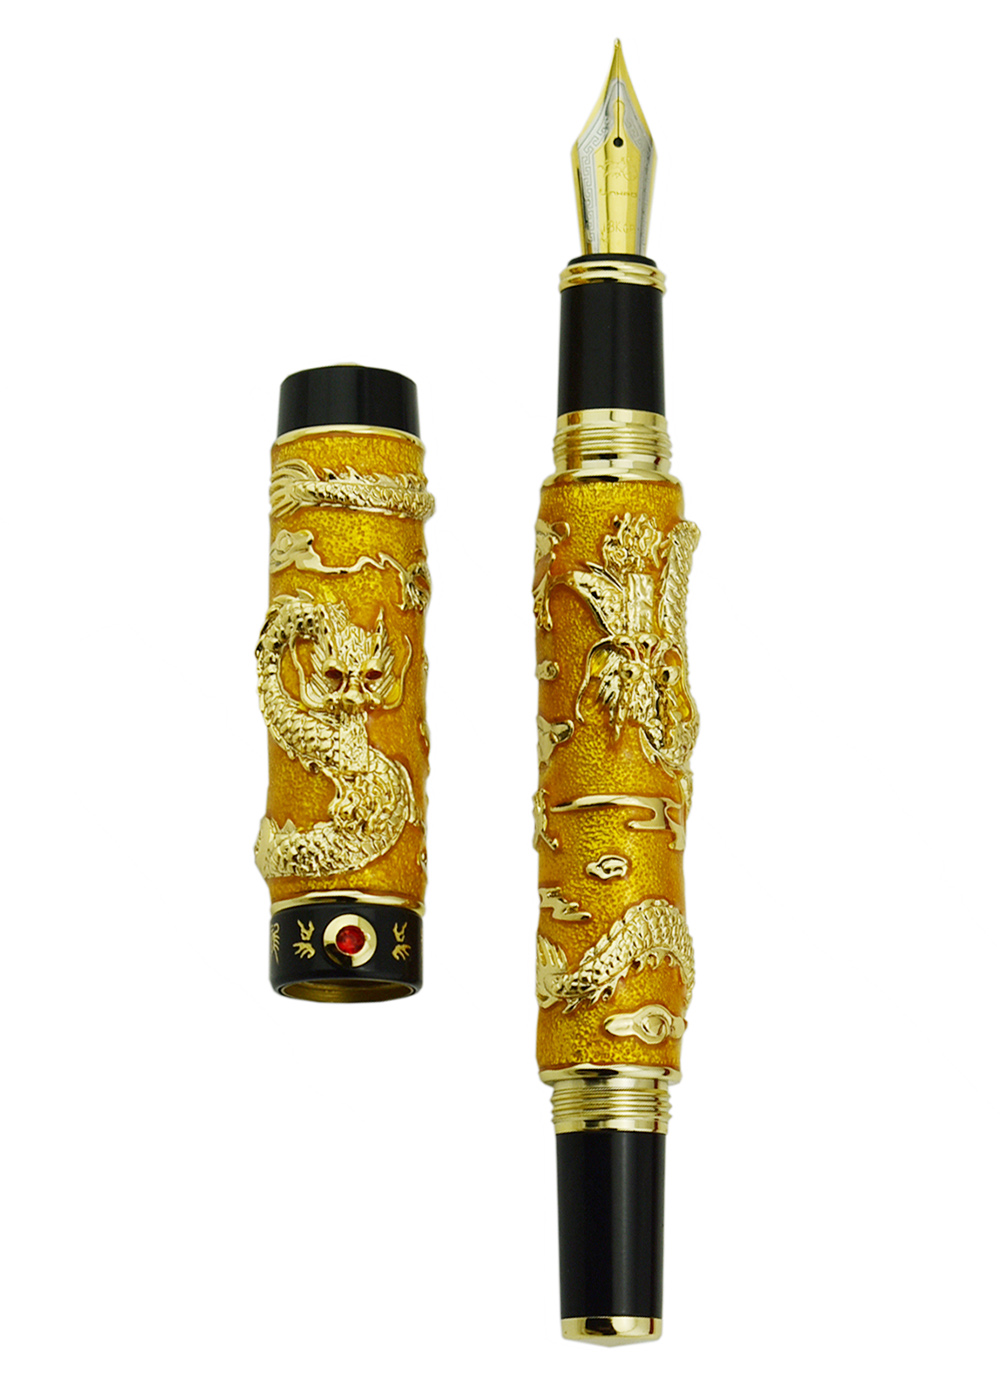 Jinhao bleu cloisonné Double Dragon stylo plume Iridium moyen plume avancée artisanat écriture cadeau stylo pour bureau d'affaires diplômé - 3